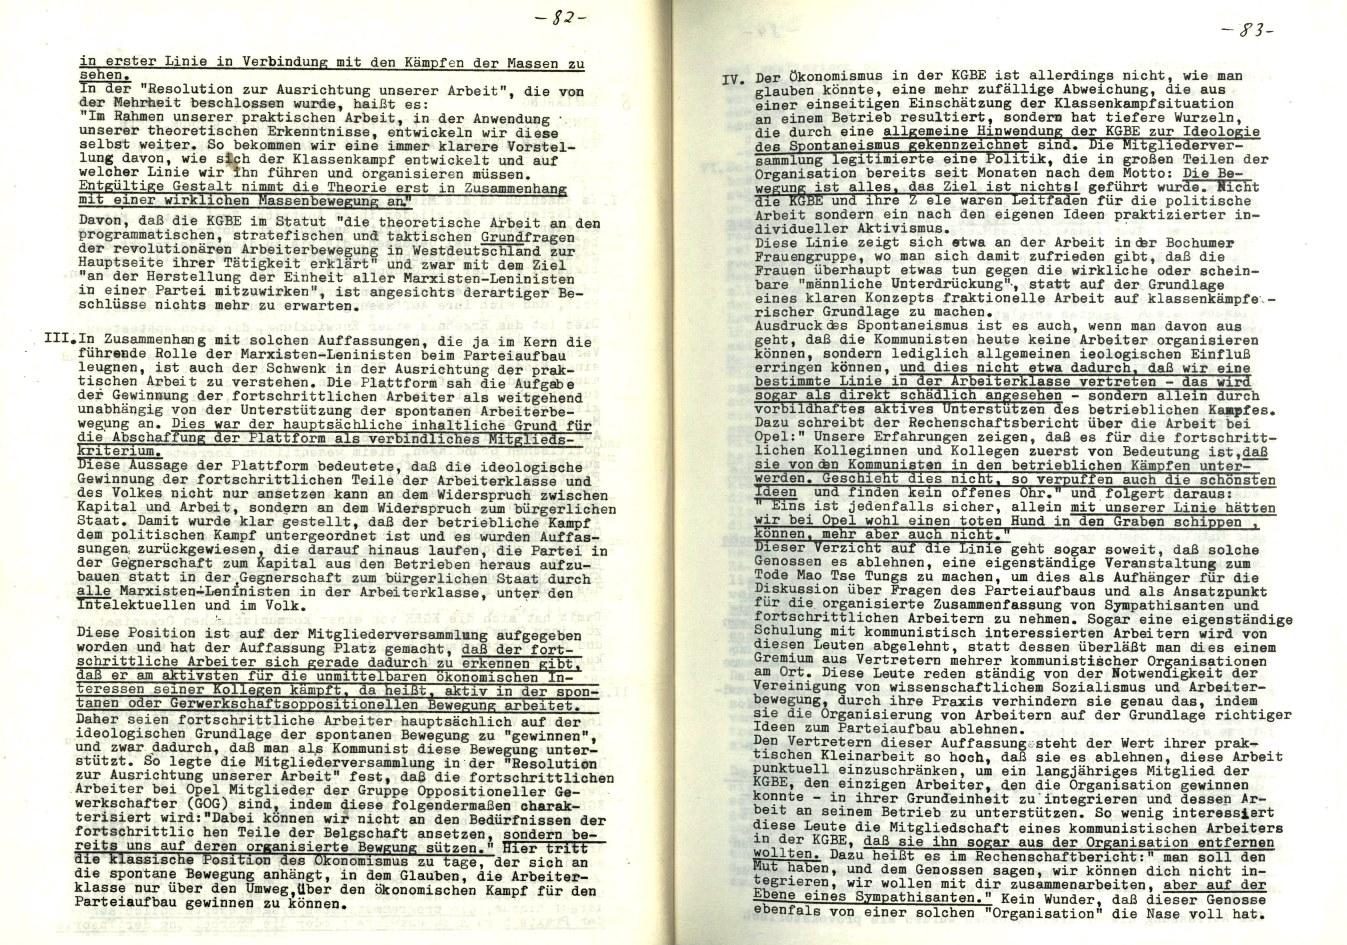 KGBE_Ehemalige_1977_Kritik_an_der_KGBE_45